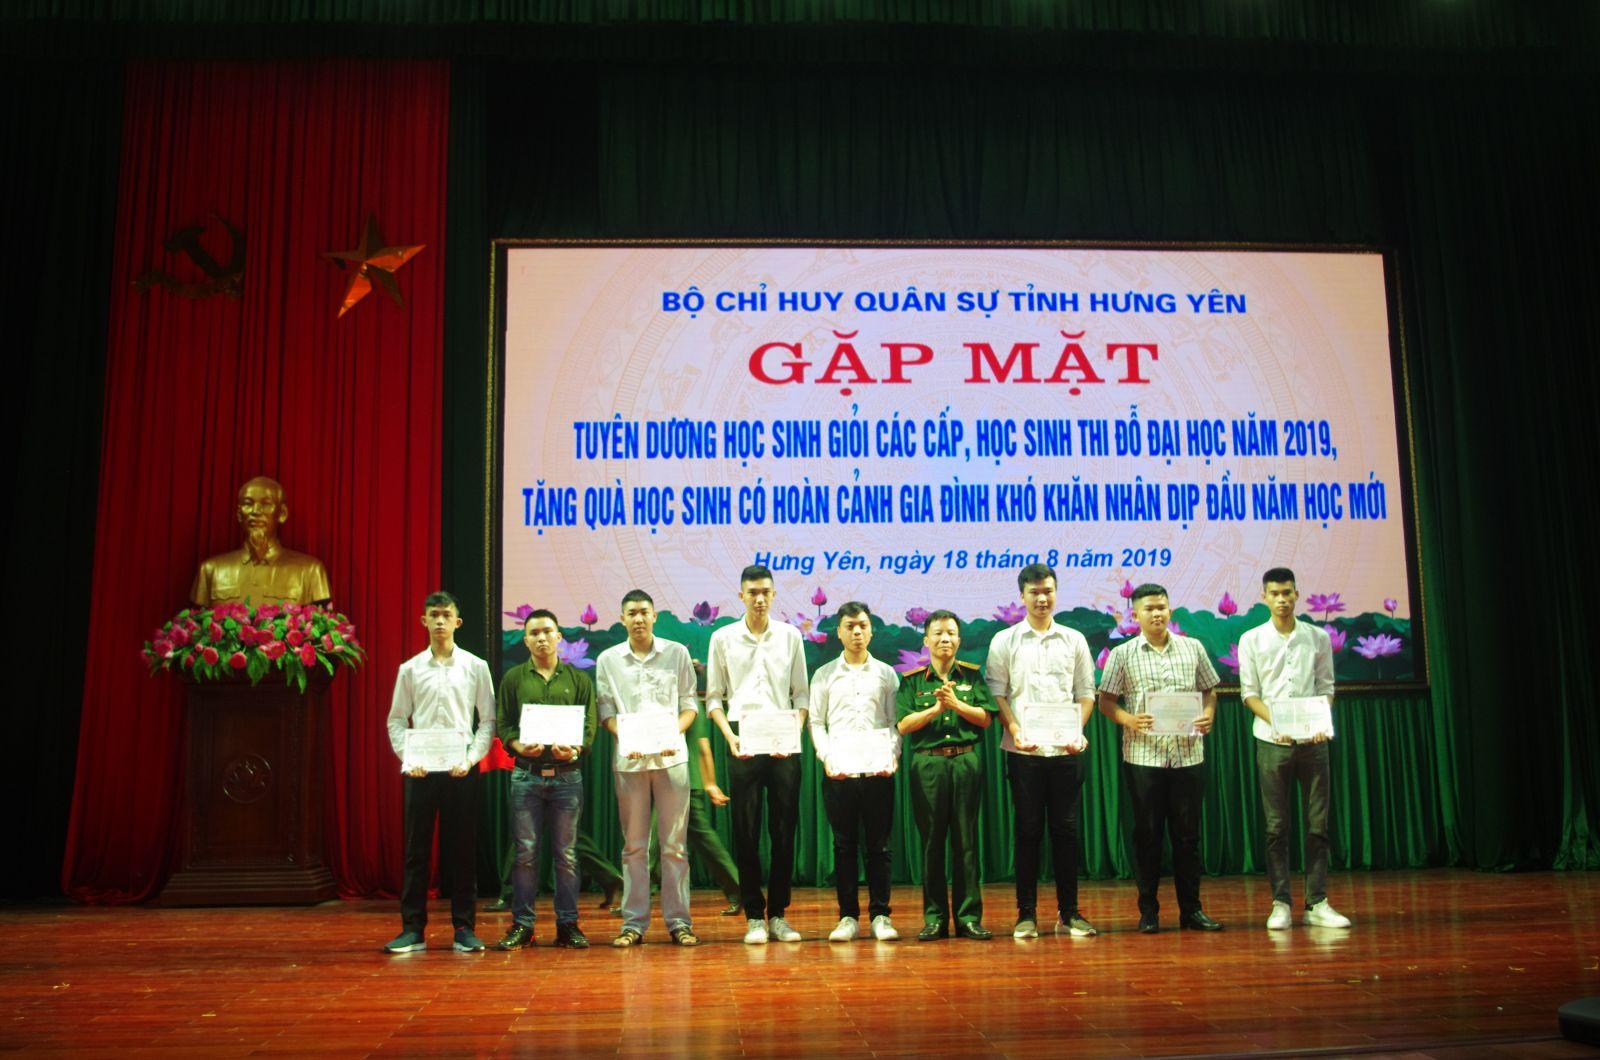 Bộ CHQS tỉnh: Tuyên dương học sinh giỏi các cấp, học sinh thi đỗ đại học năm 2019